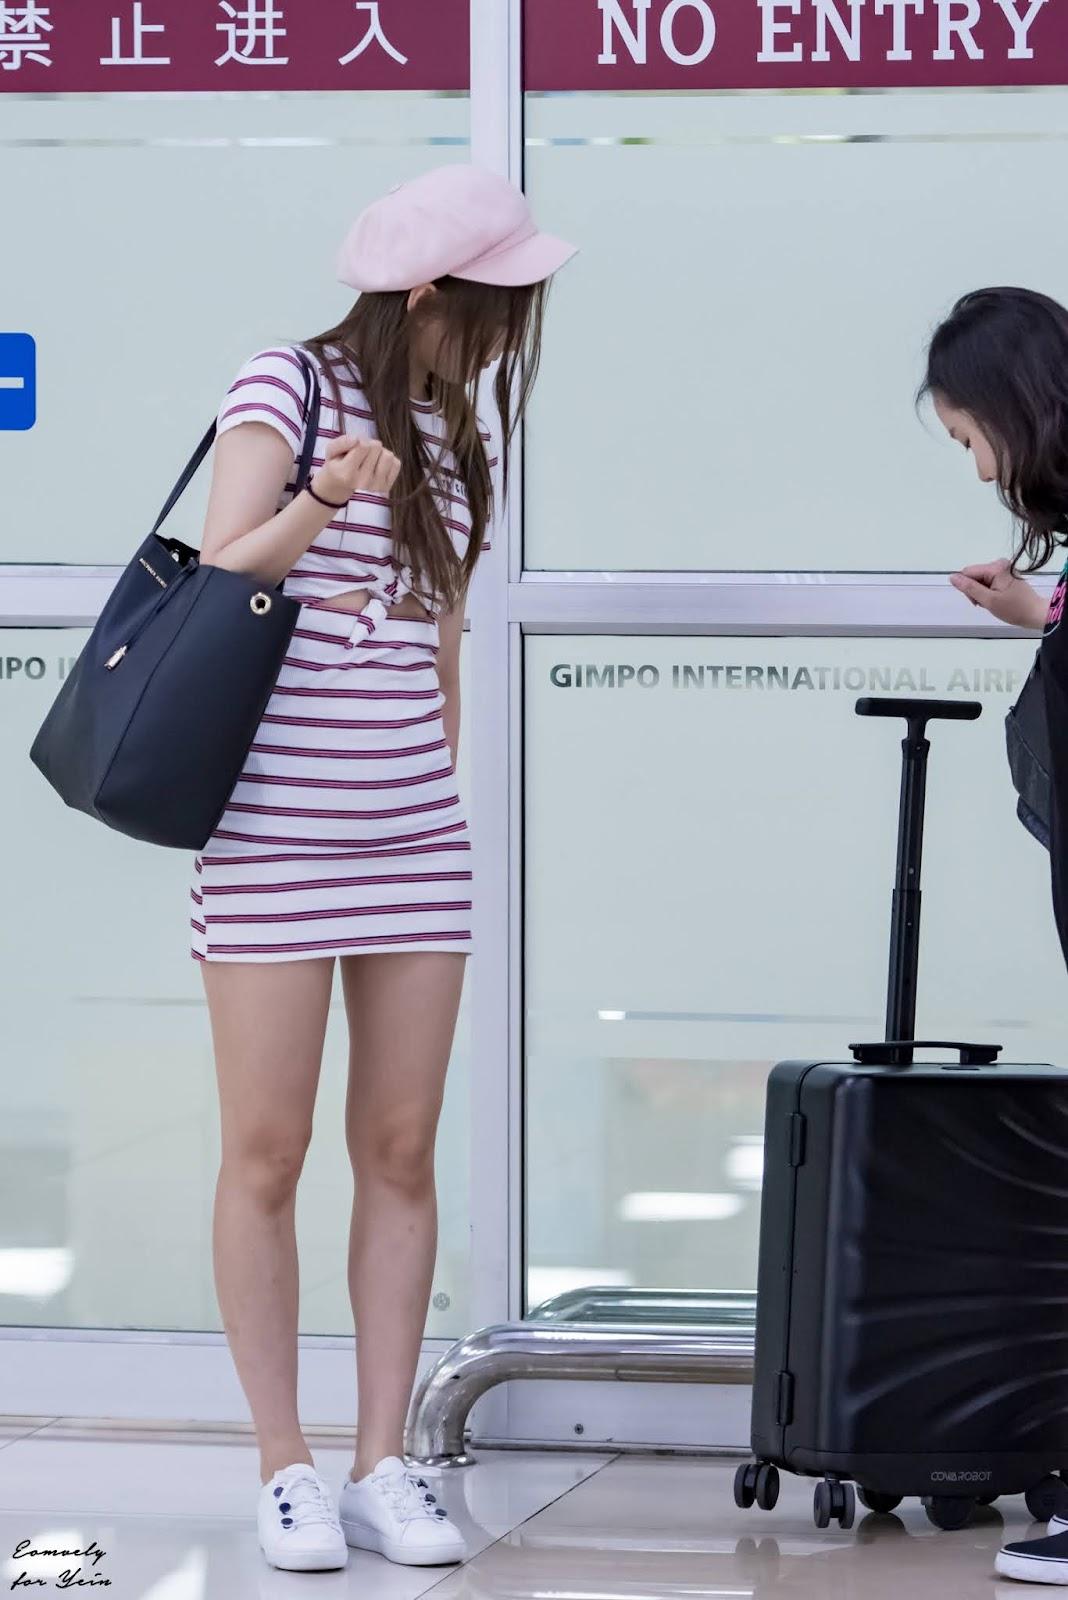 자율주행 캐리어보다 눈길 가는 러블리즈 예인 공항 패션